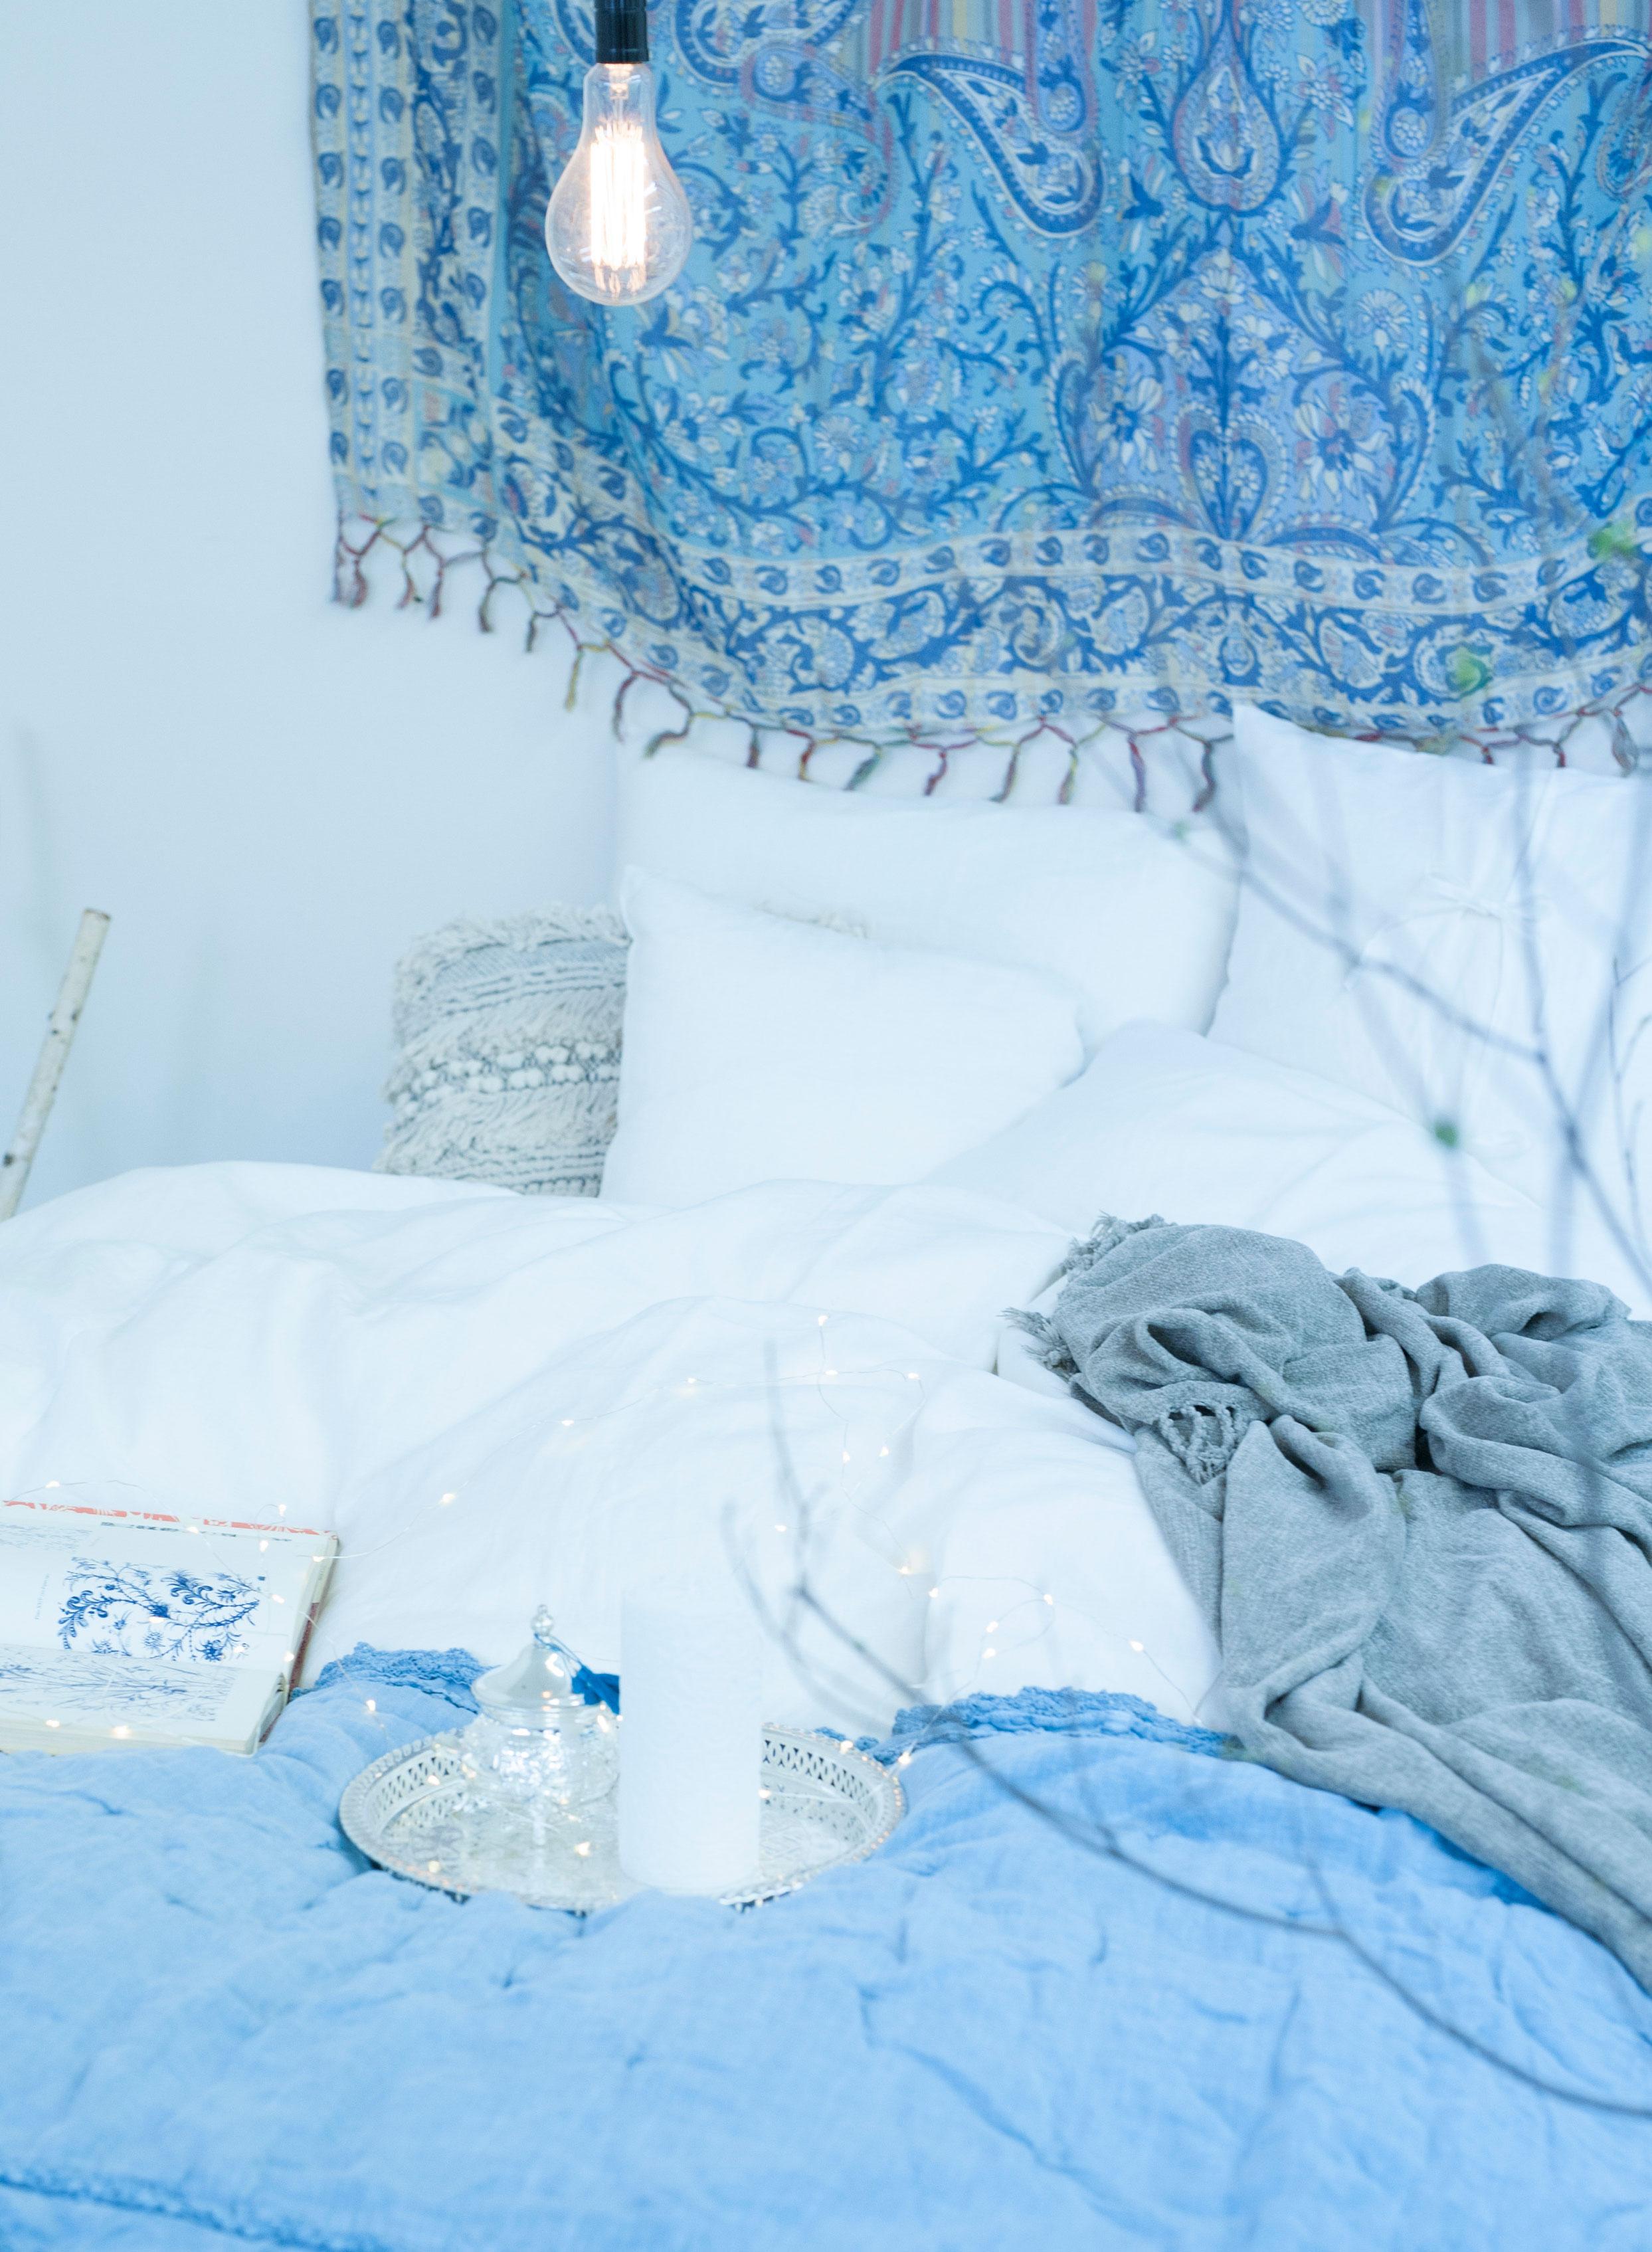 寝室 インテリア おしゃれ Styling04 人気のモロッコインテリアでエキゾチックなスタイリング